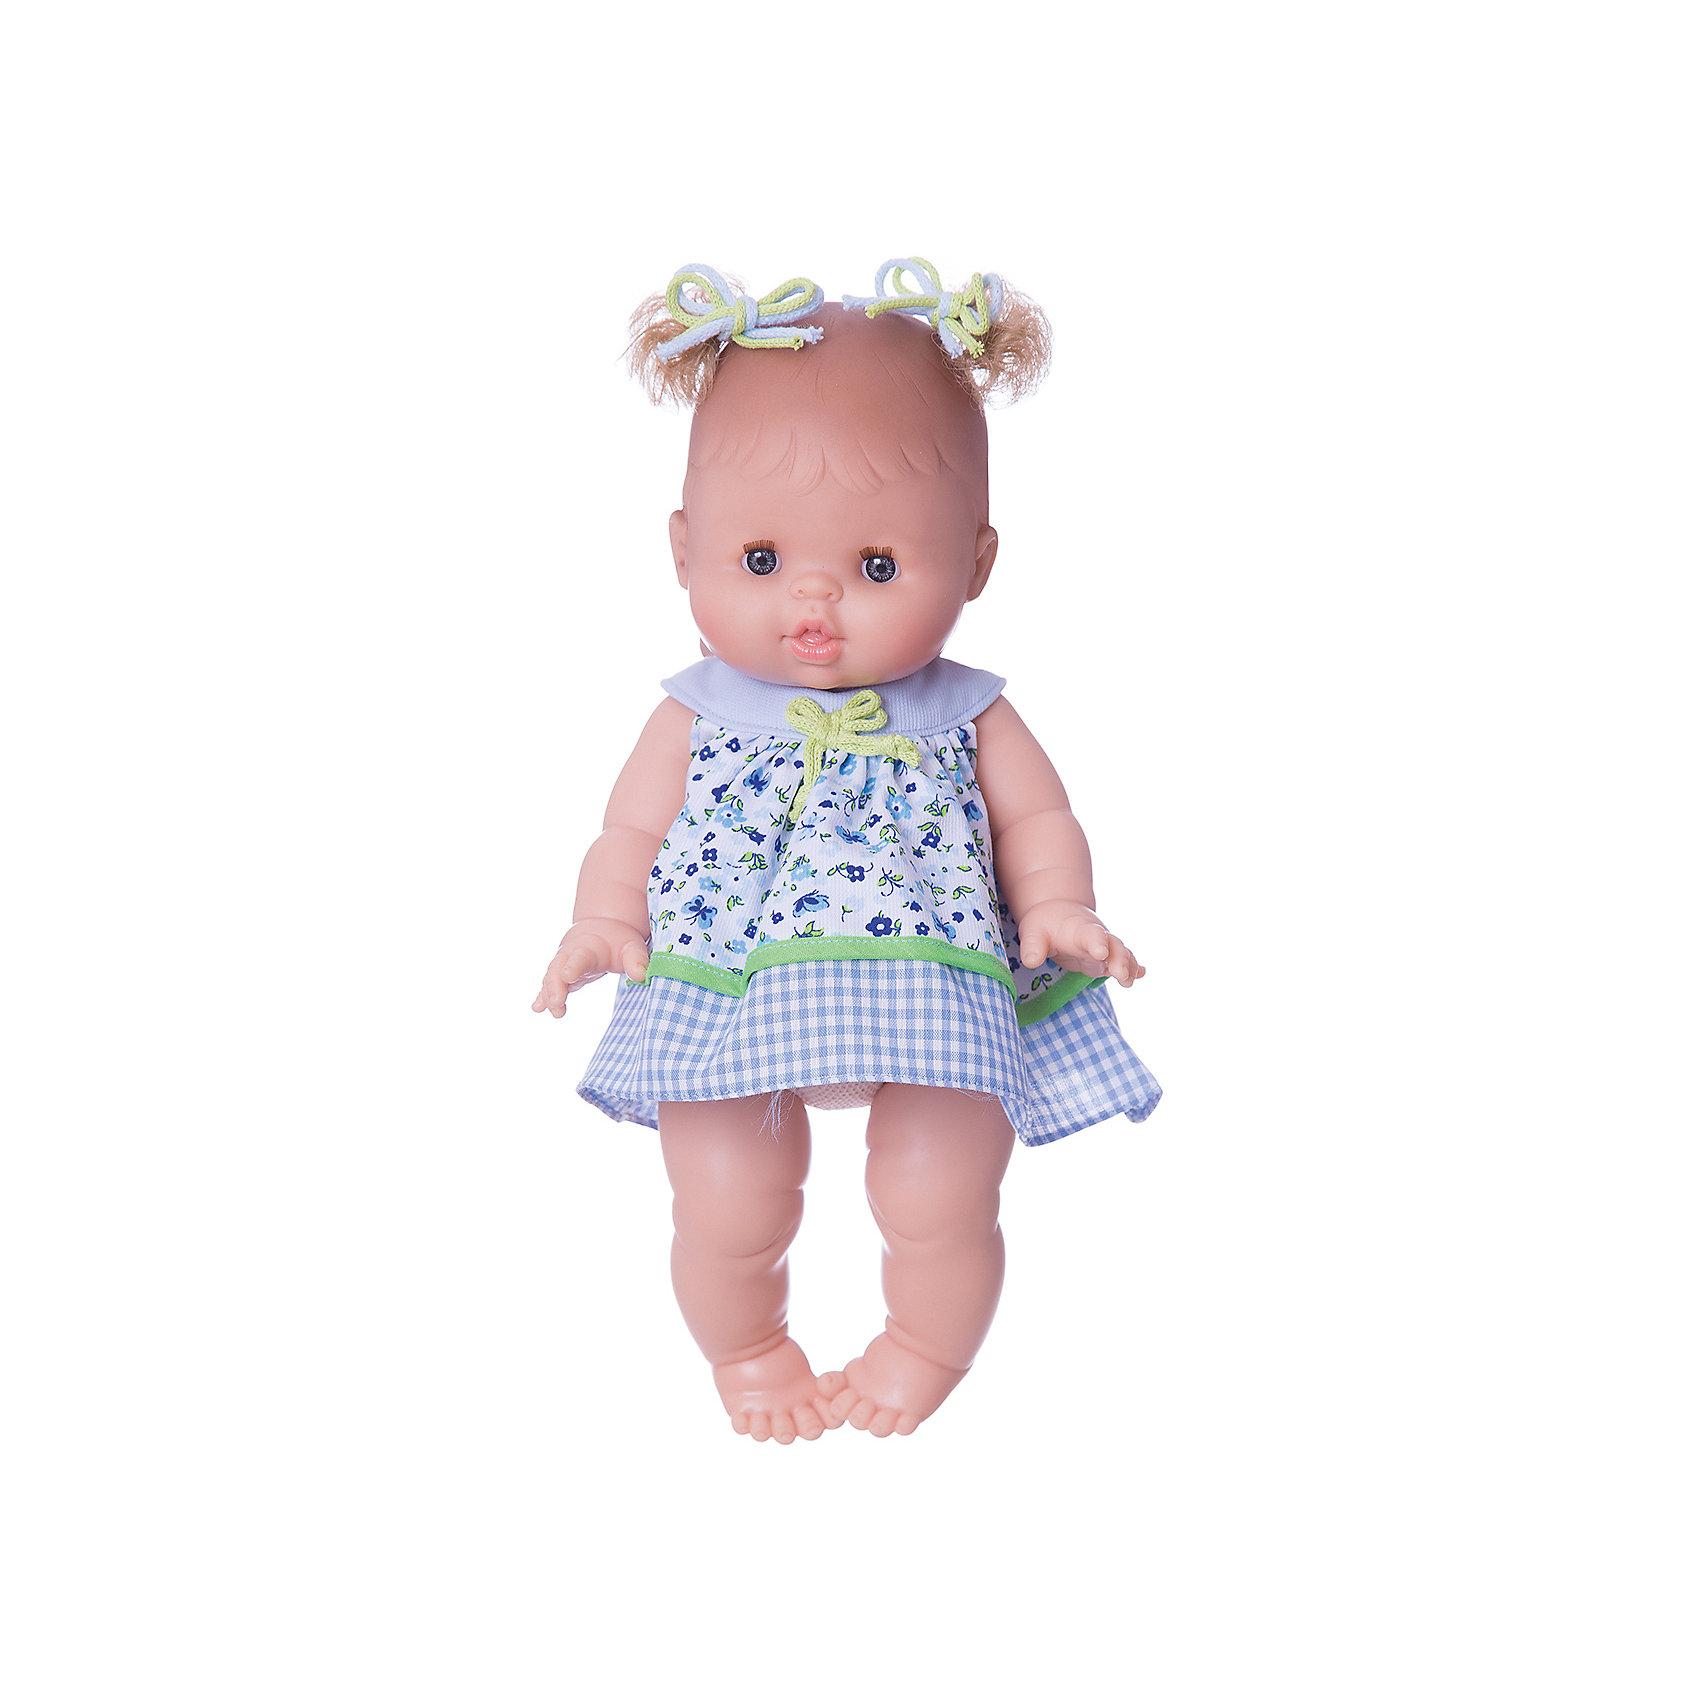 Кукла Горди Алисия, 34см (девочка), Paola ReinaКлассические куклы<br>Кукла изготовлена из винила; глаза выполнены в виде кристалла из прозрачного твердого пластика; волосы сделаны из высококачественного нейлона.<br><br>Ширина мм: 200<br>Глубина мм: 200<br>Высота мм: 310<br>Вес г: 750<br>Возраст от месяцев: 36<br>Возраст до месяцев: 144<br>Пол: Женский<br>Возраст: Детский<br>SKU: 4966372